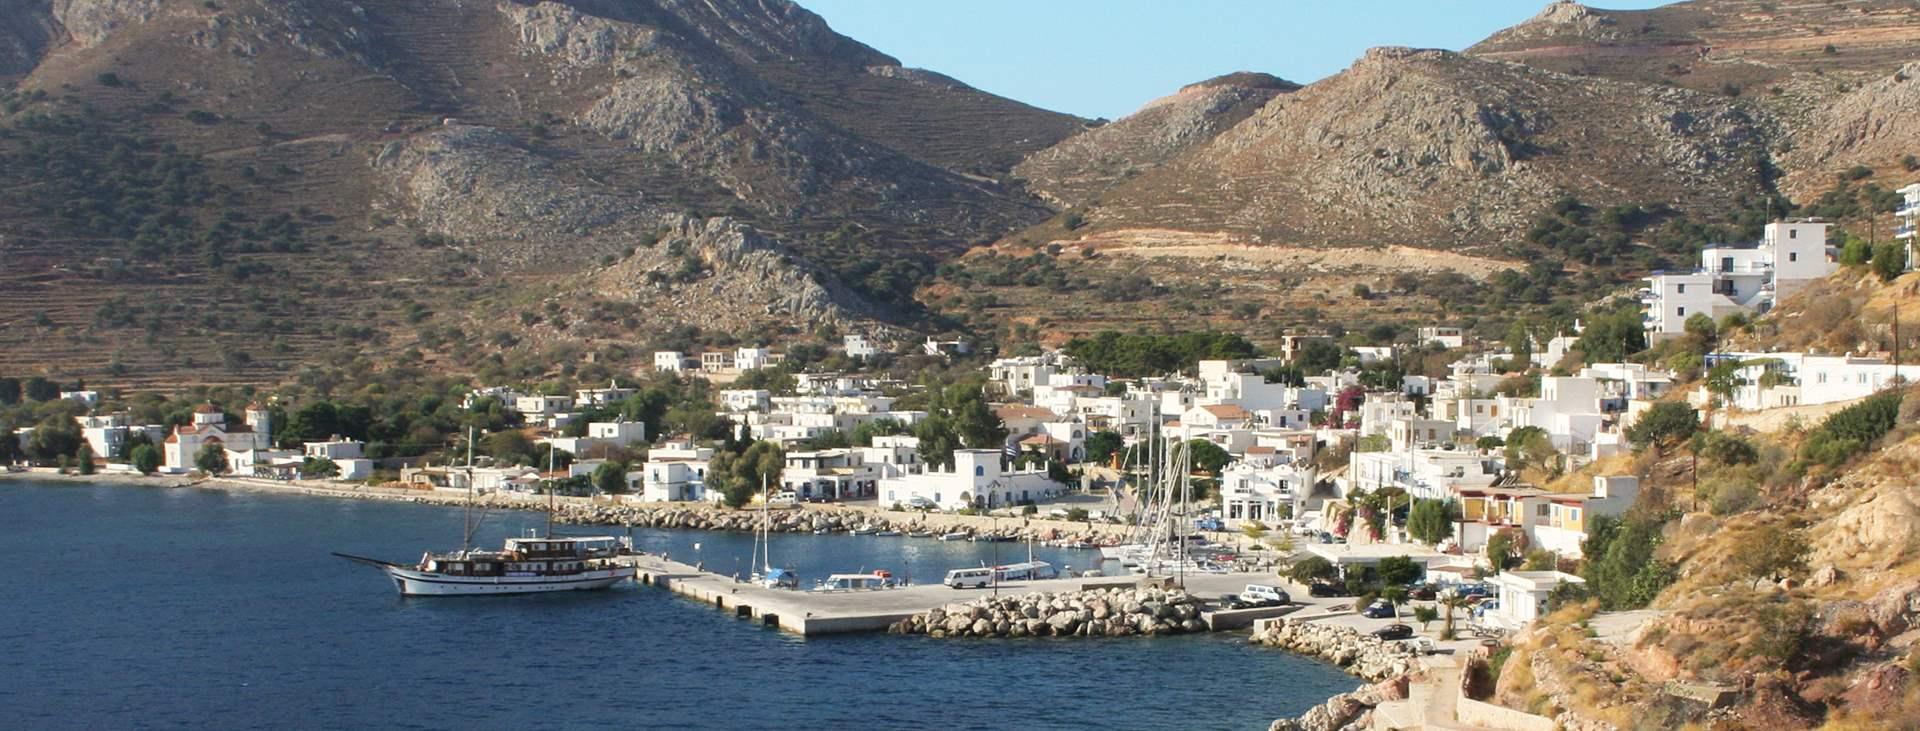 Bestill en reise til den greske øya Tilos med Ving